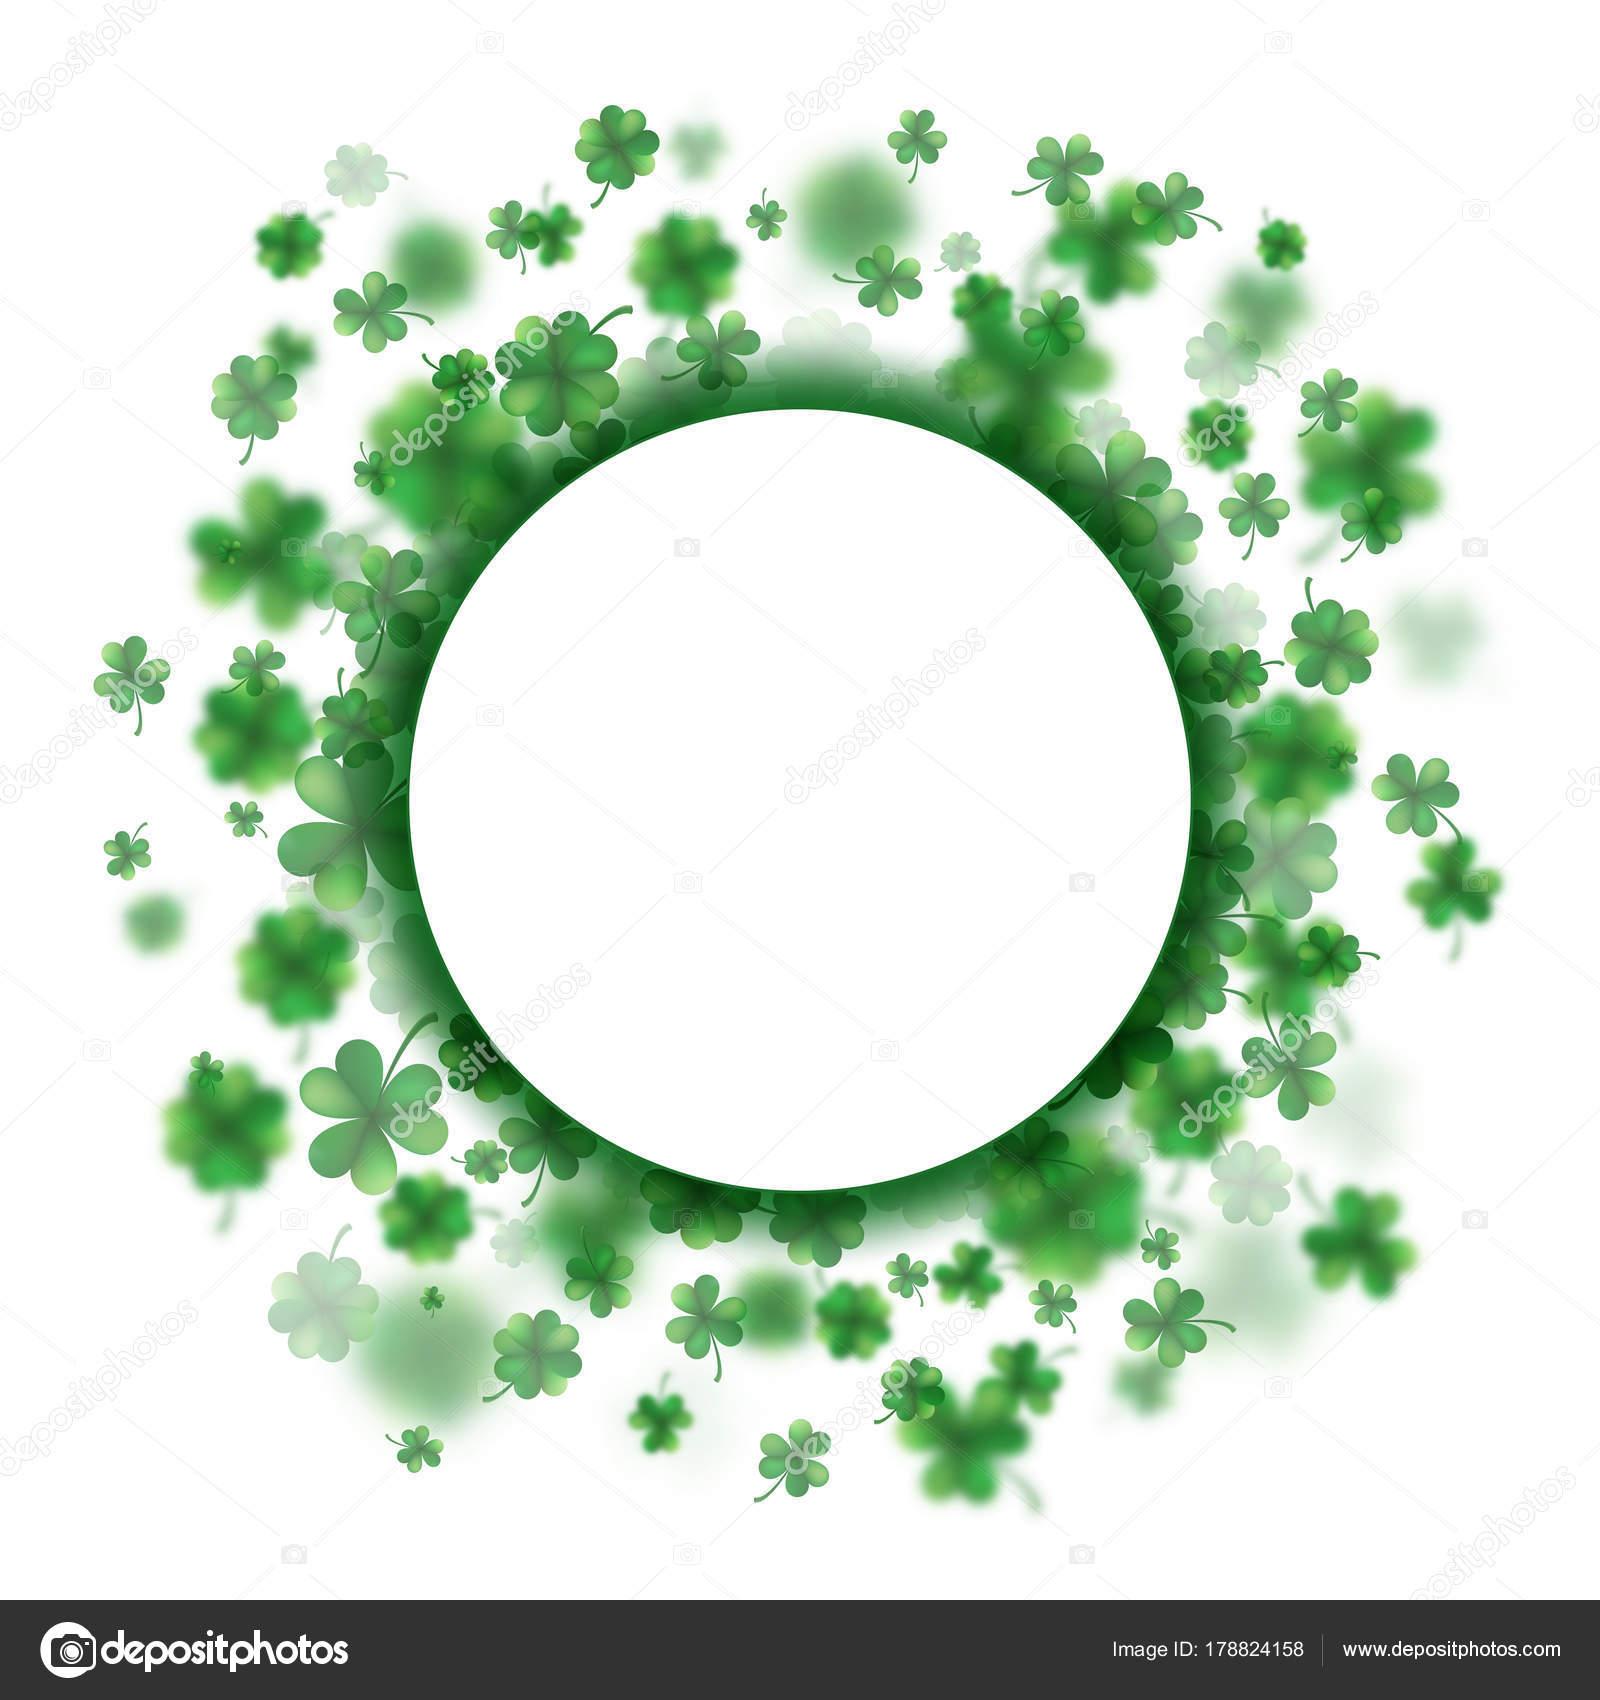 lucky spring design with shamrock clover round border eps 10 vector stock vector